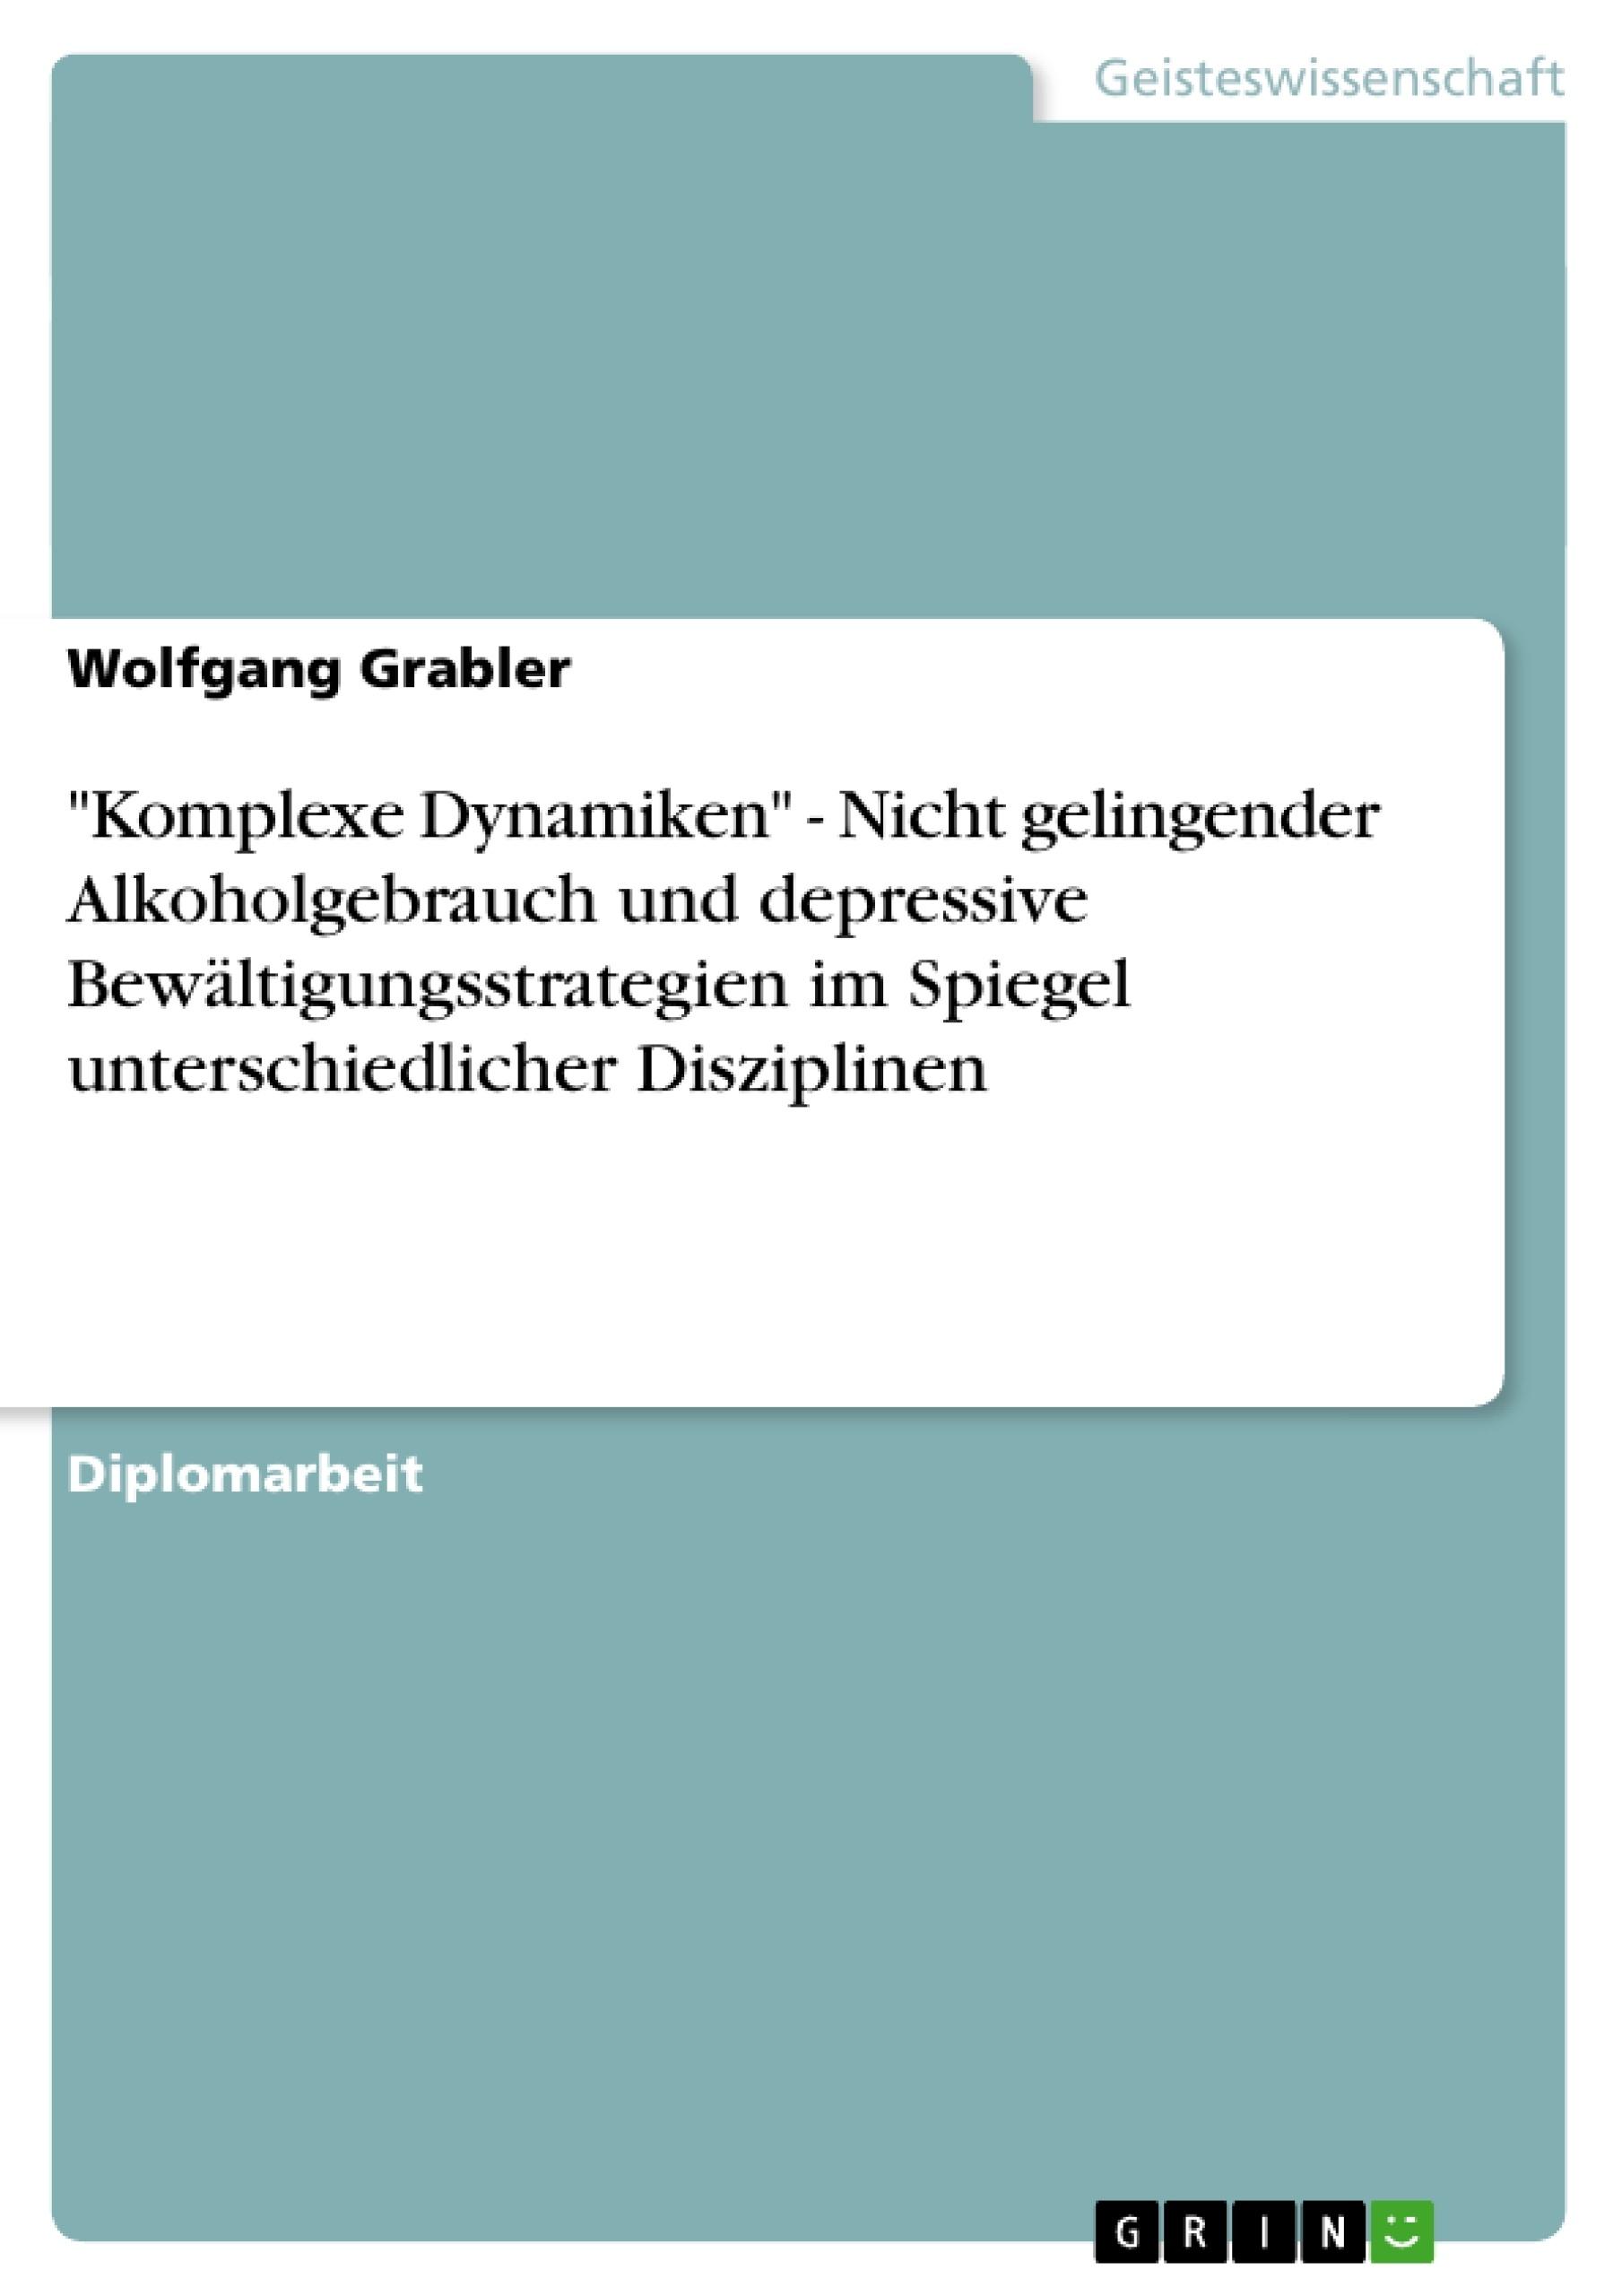 """Titel: """"Komplexe Dynamiken"""" - Nicht gelingender Alkoholgebrauch und depressive Bewältigungsstrategien im Spiegel unterschiedlicher Disziplinen"""